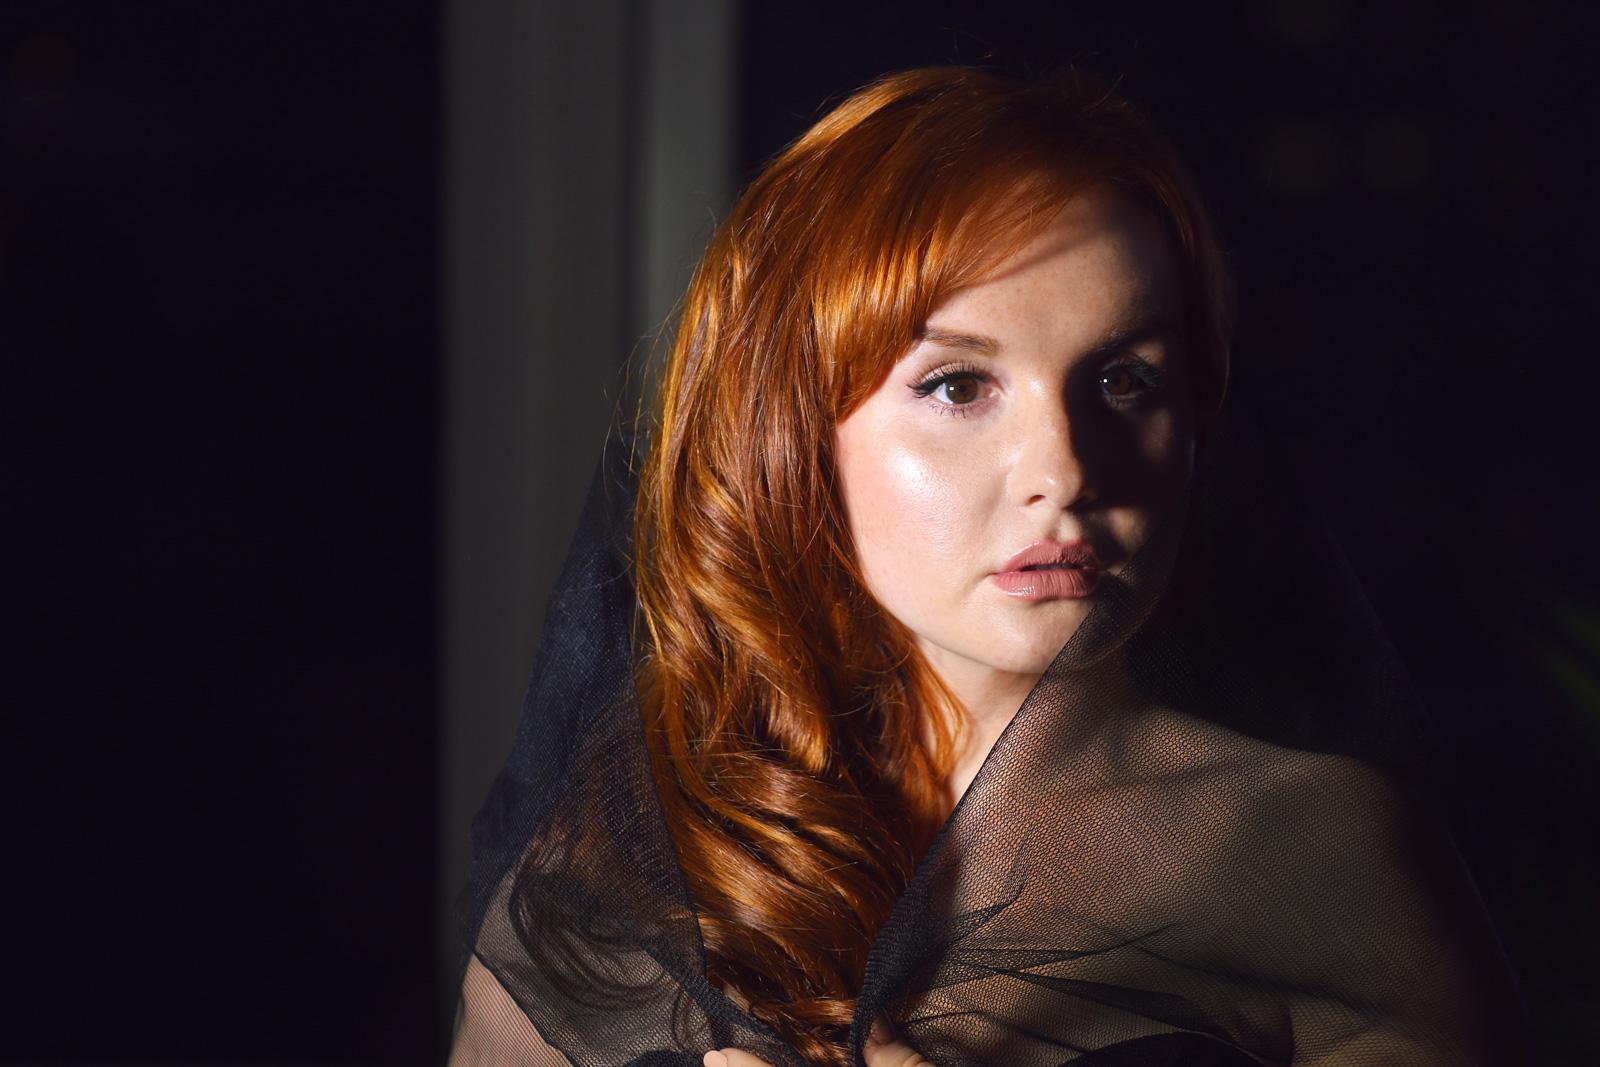 Ksenia-Berestovskaya-mezzo-soprano-opera-web.jpg